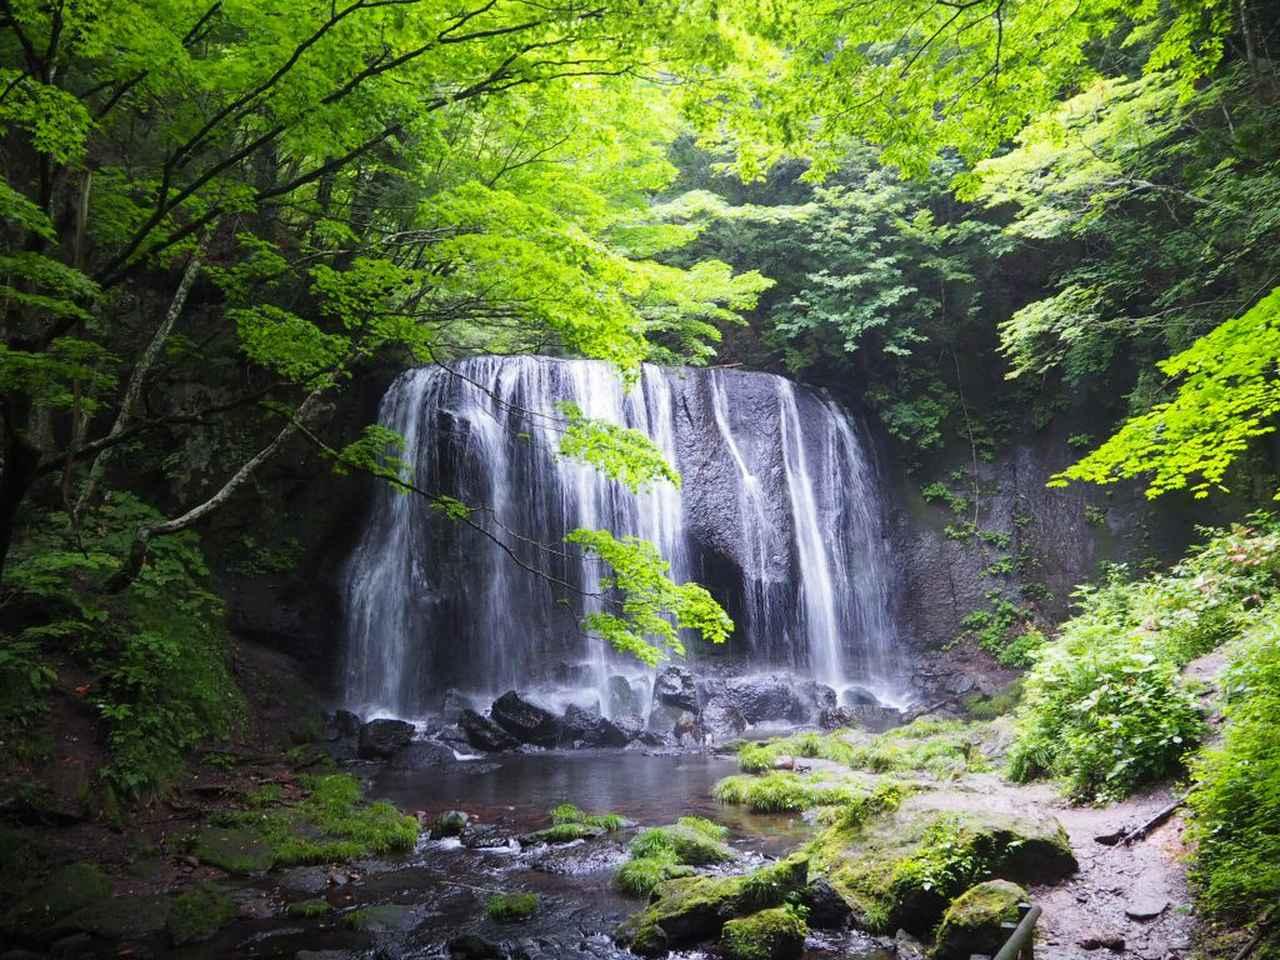 画像: 3日目 磐梯山の景色を楽しみながら、チーズナッツパークへ